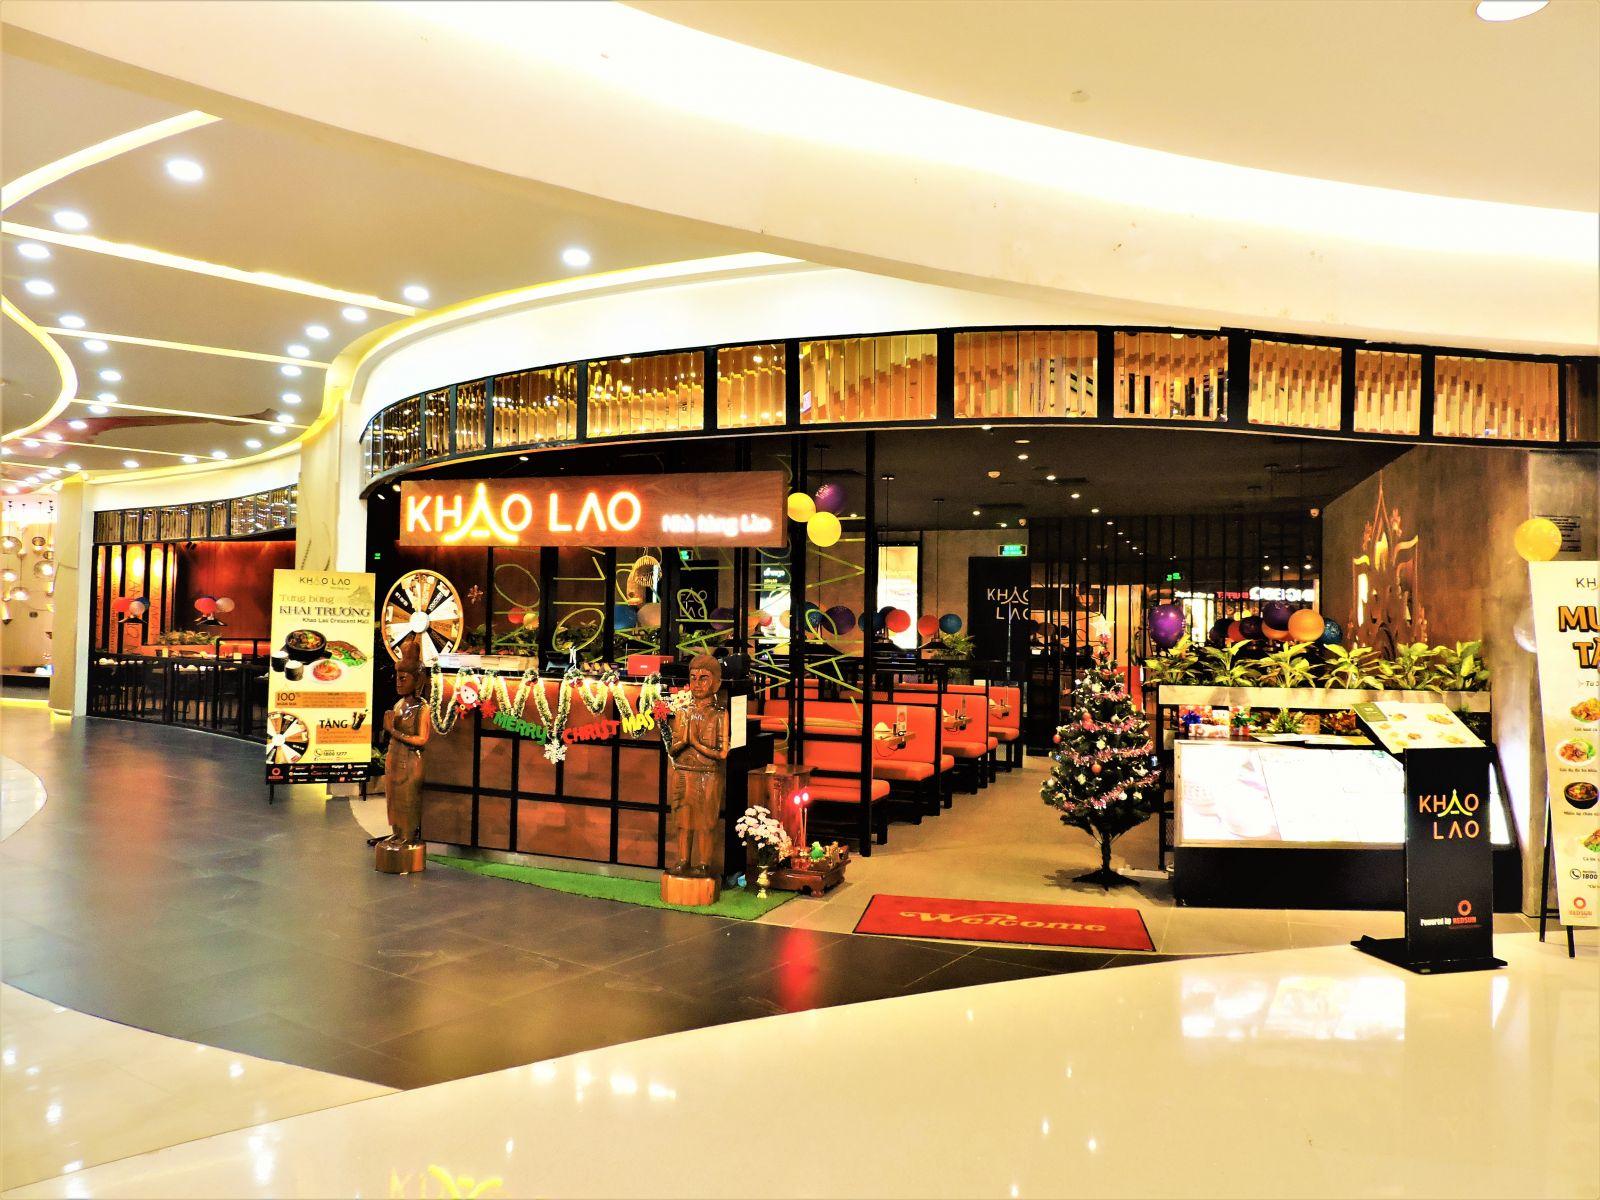 Công trình nhà hàng Khao Lao - Cresent Mall quận 7